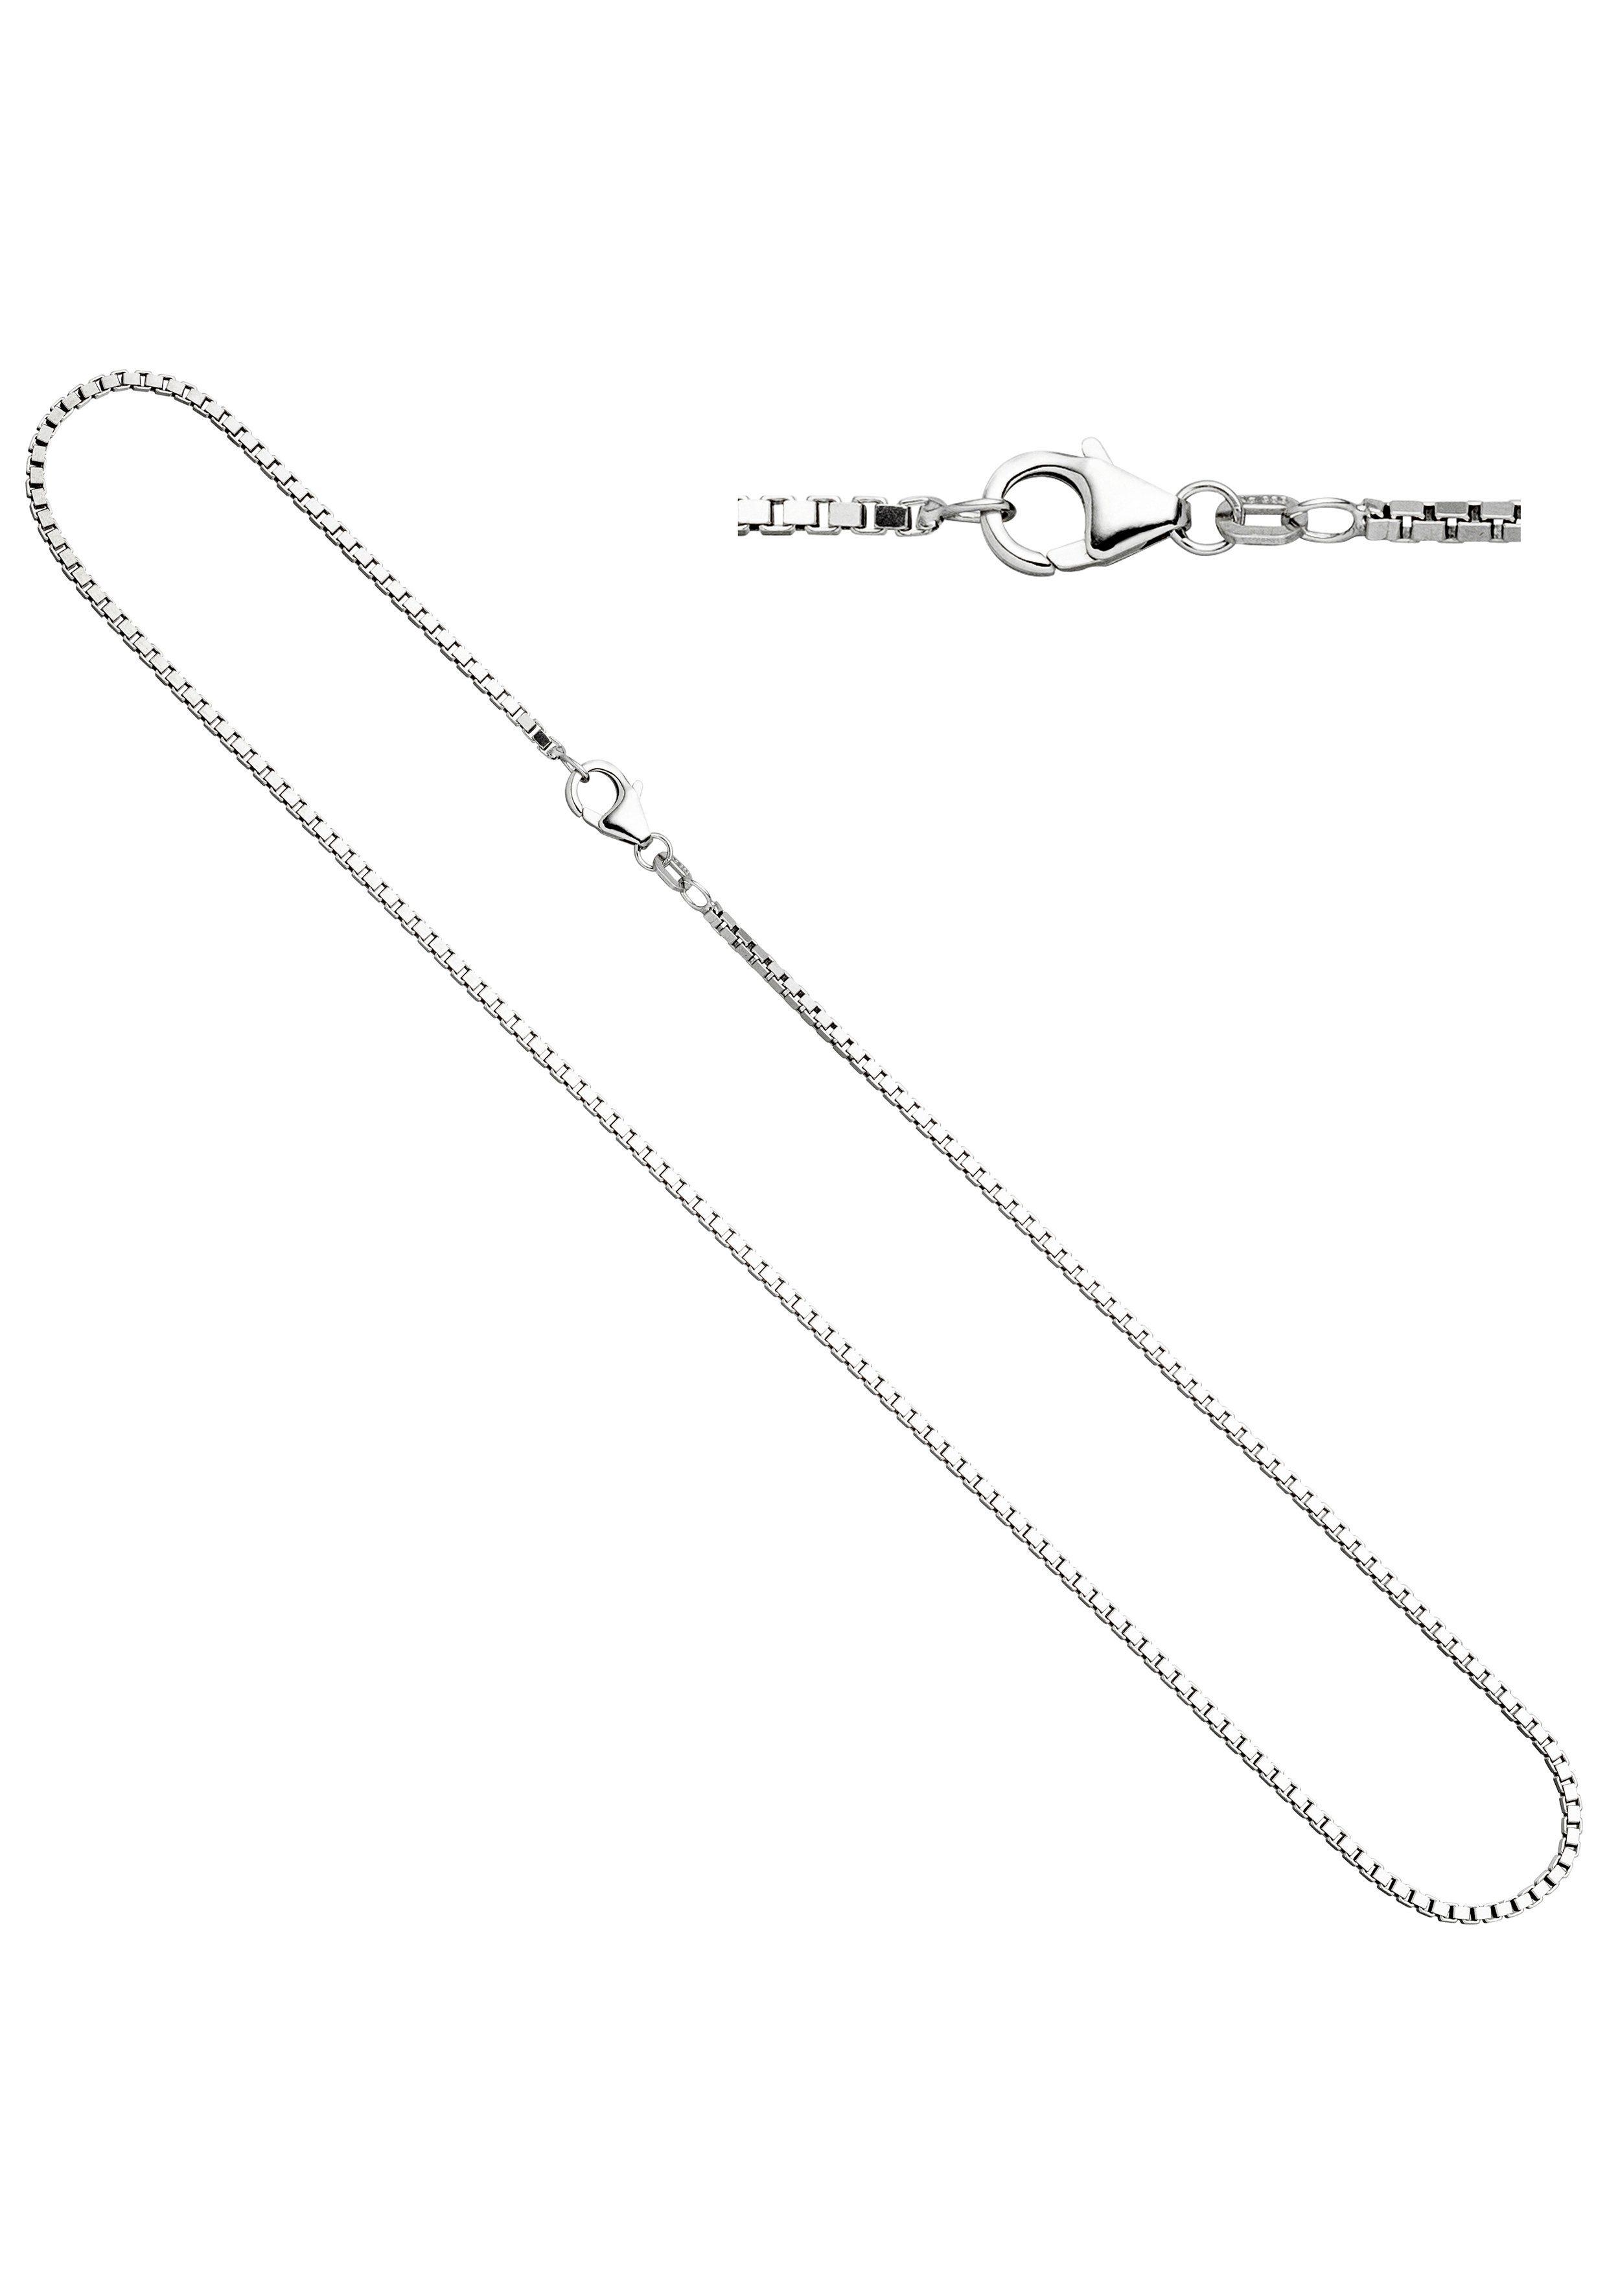 JOBO Silberkette, Venezianerkette 925 Silber 45 cm 1,8 mm online kaufen | OTTO